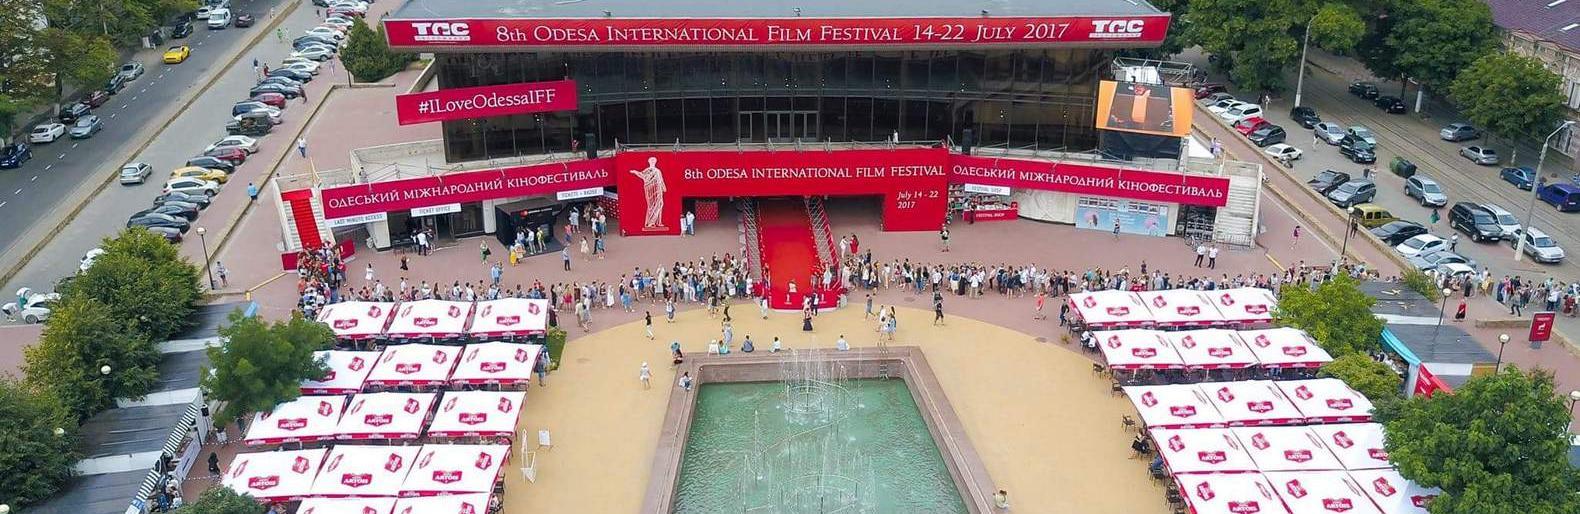 ОМКФ'17 фестивальный дворец <br> <cite>Одесский Международный Кинофестиваль 2017г, фестивальный дворец (театр Музкомедии)</cite>